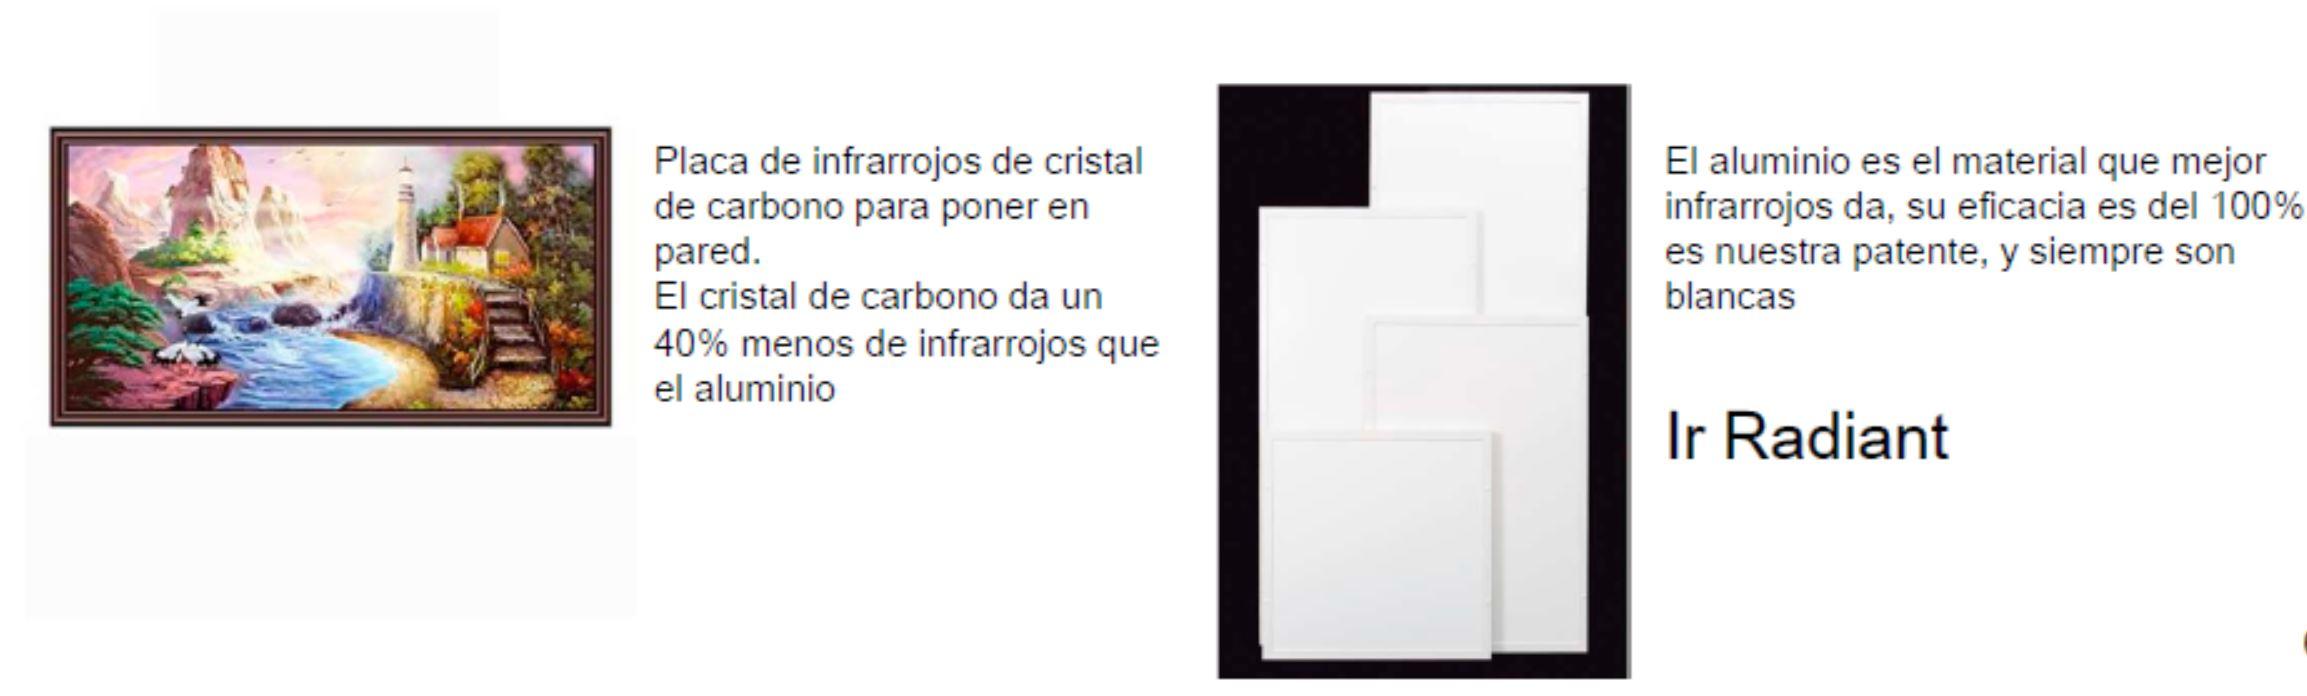 placas-calefaccion-infrarrojos-decoracion-dudas